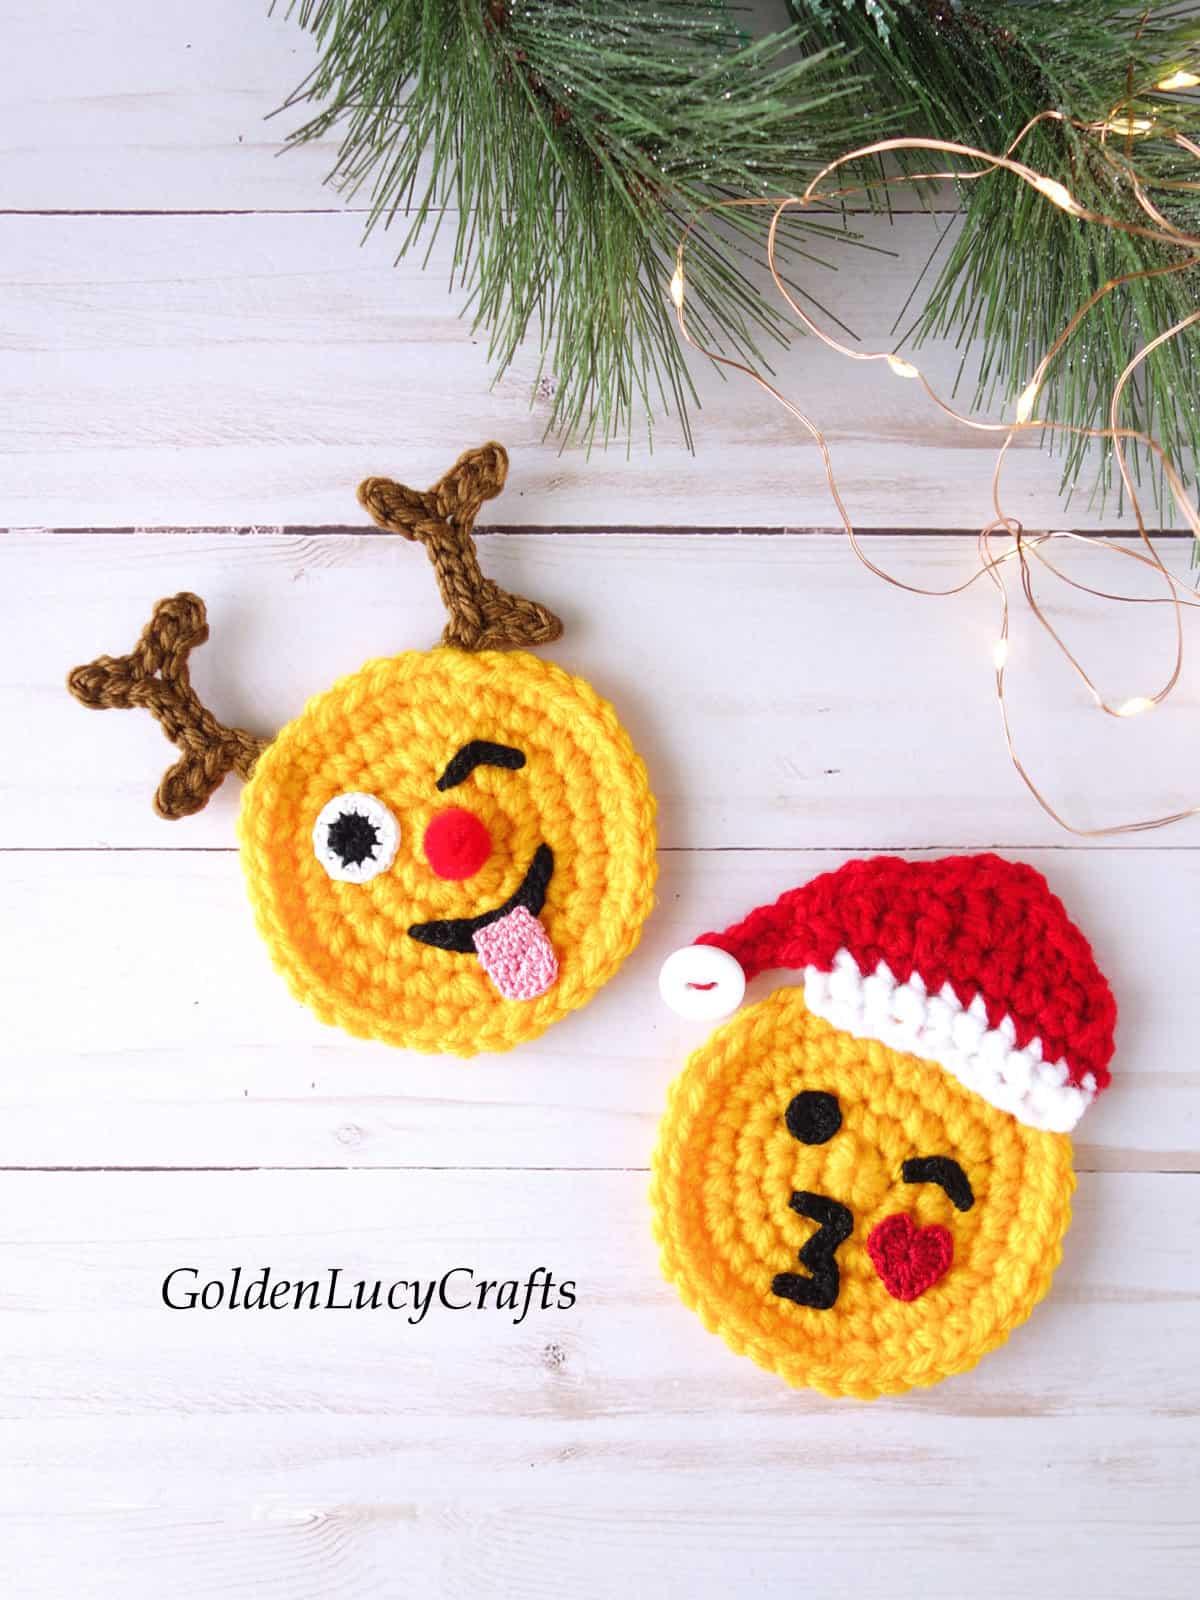 Crochet Christmas emojis Santa and reindeer.